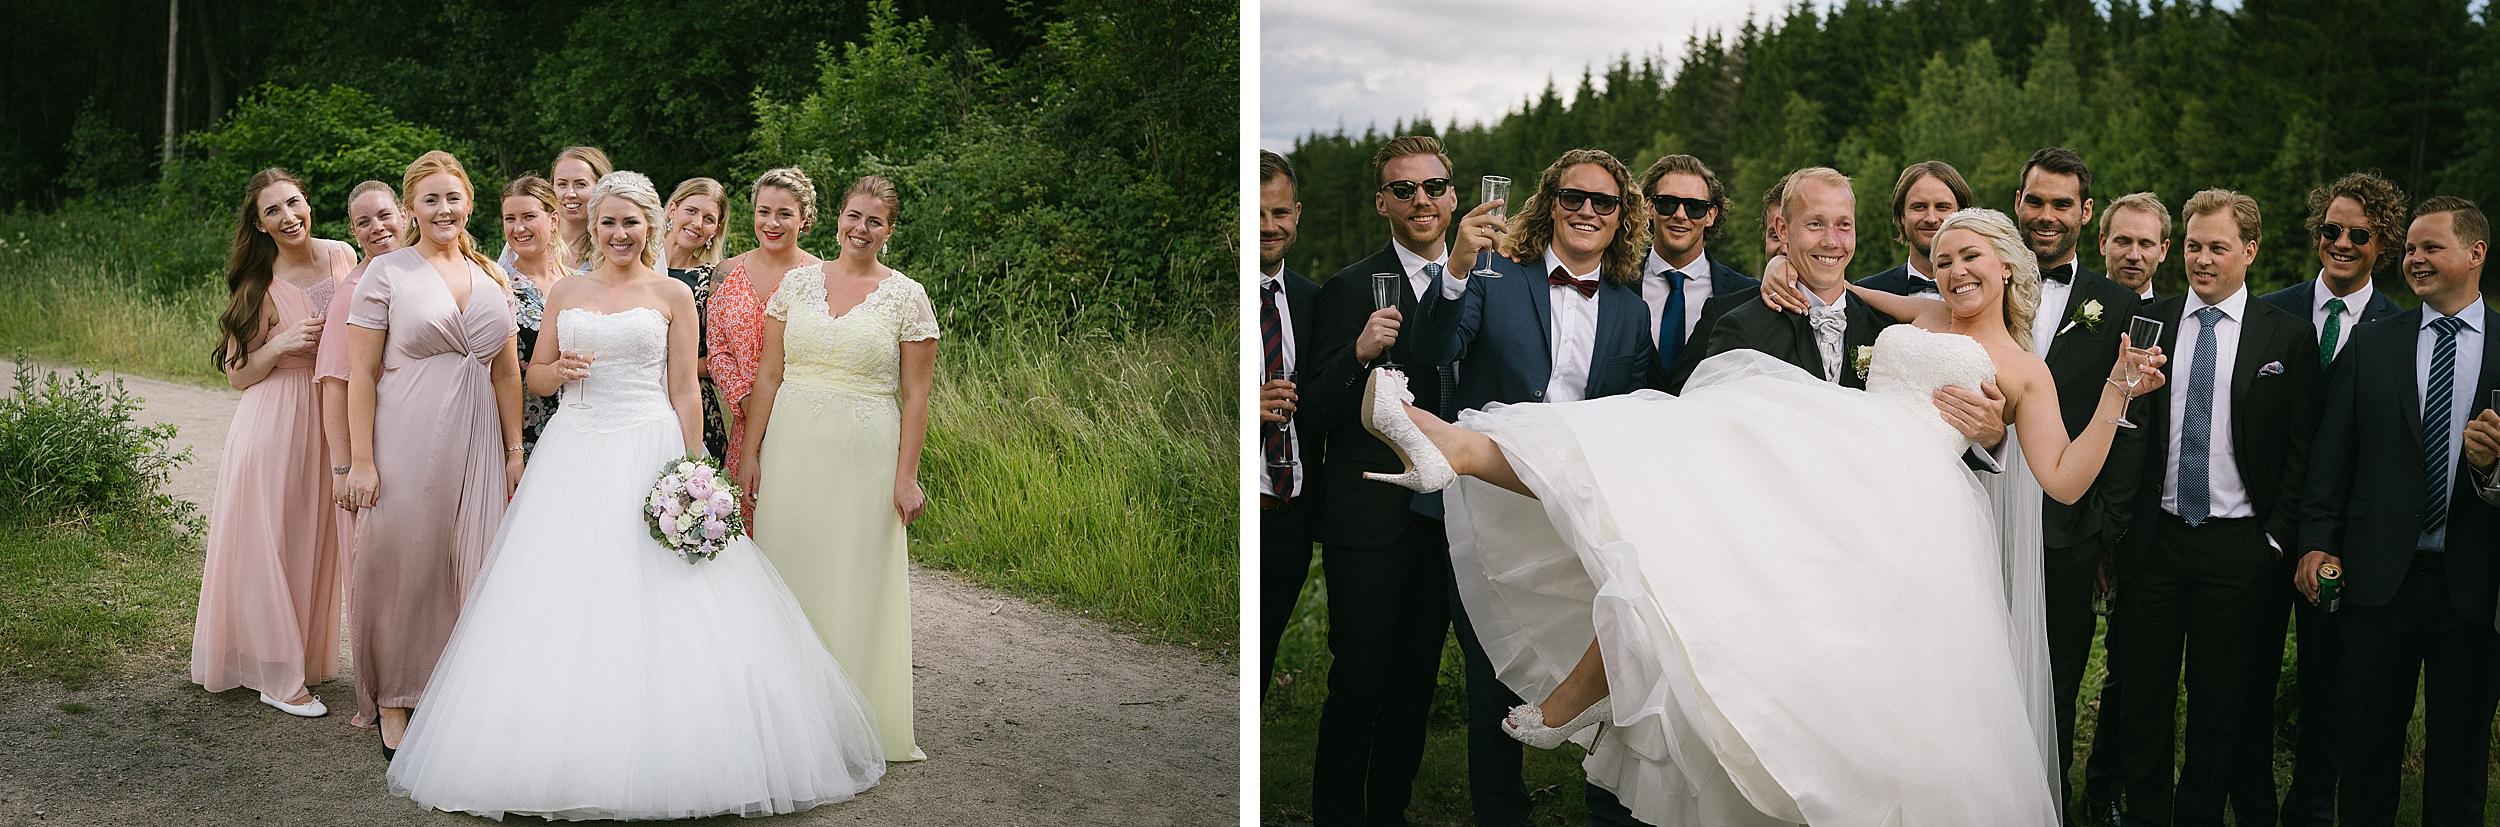 Heldags-bryllupsfoto-june-thomas_0049.jpg